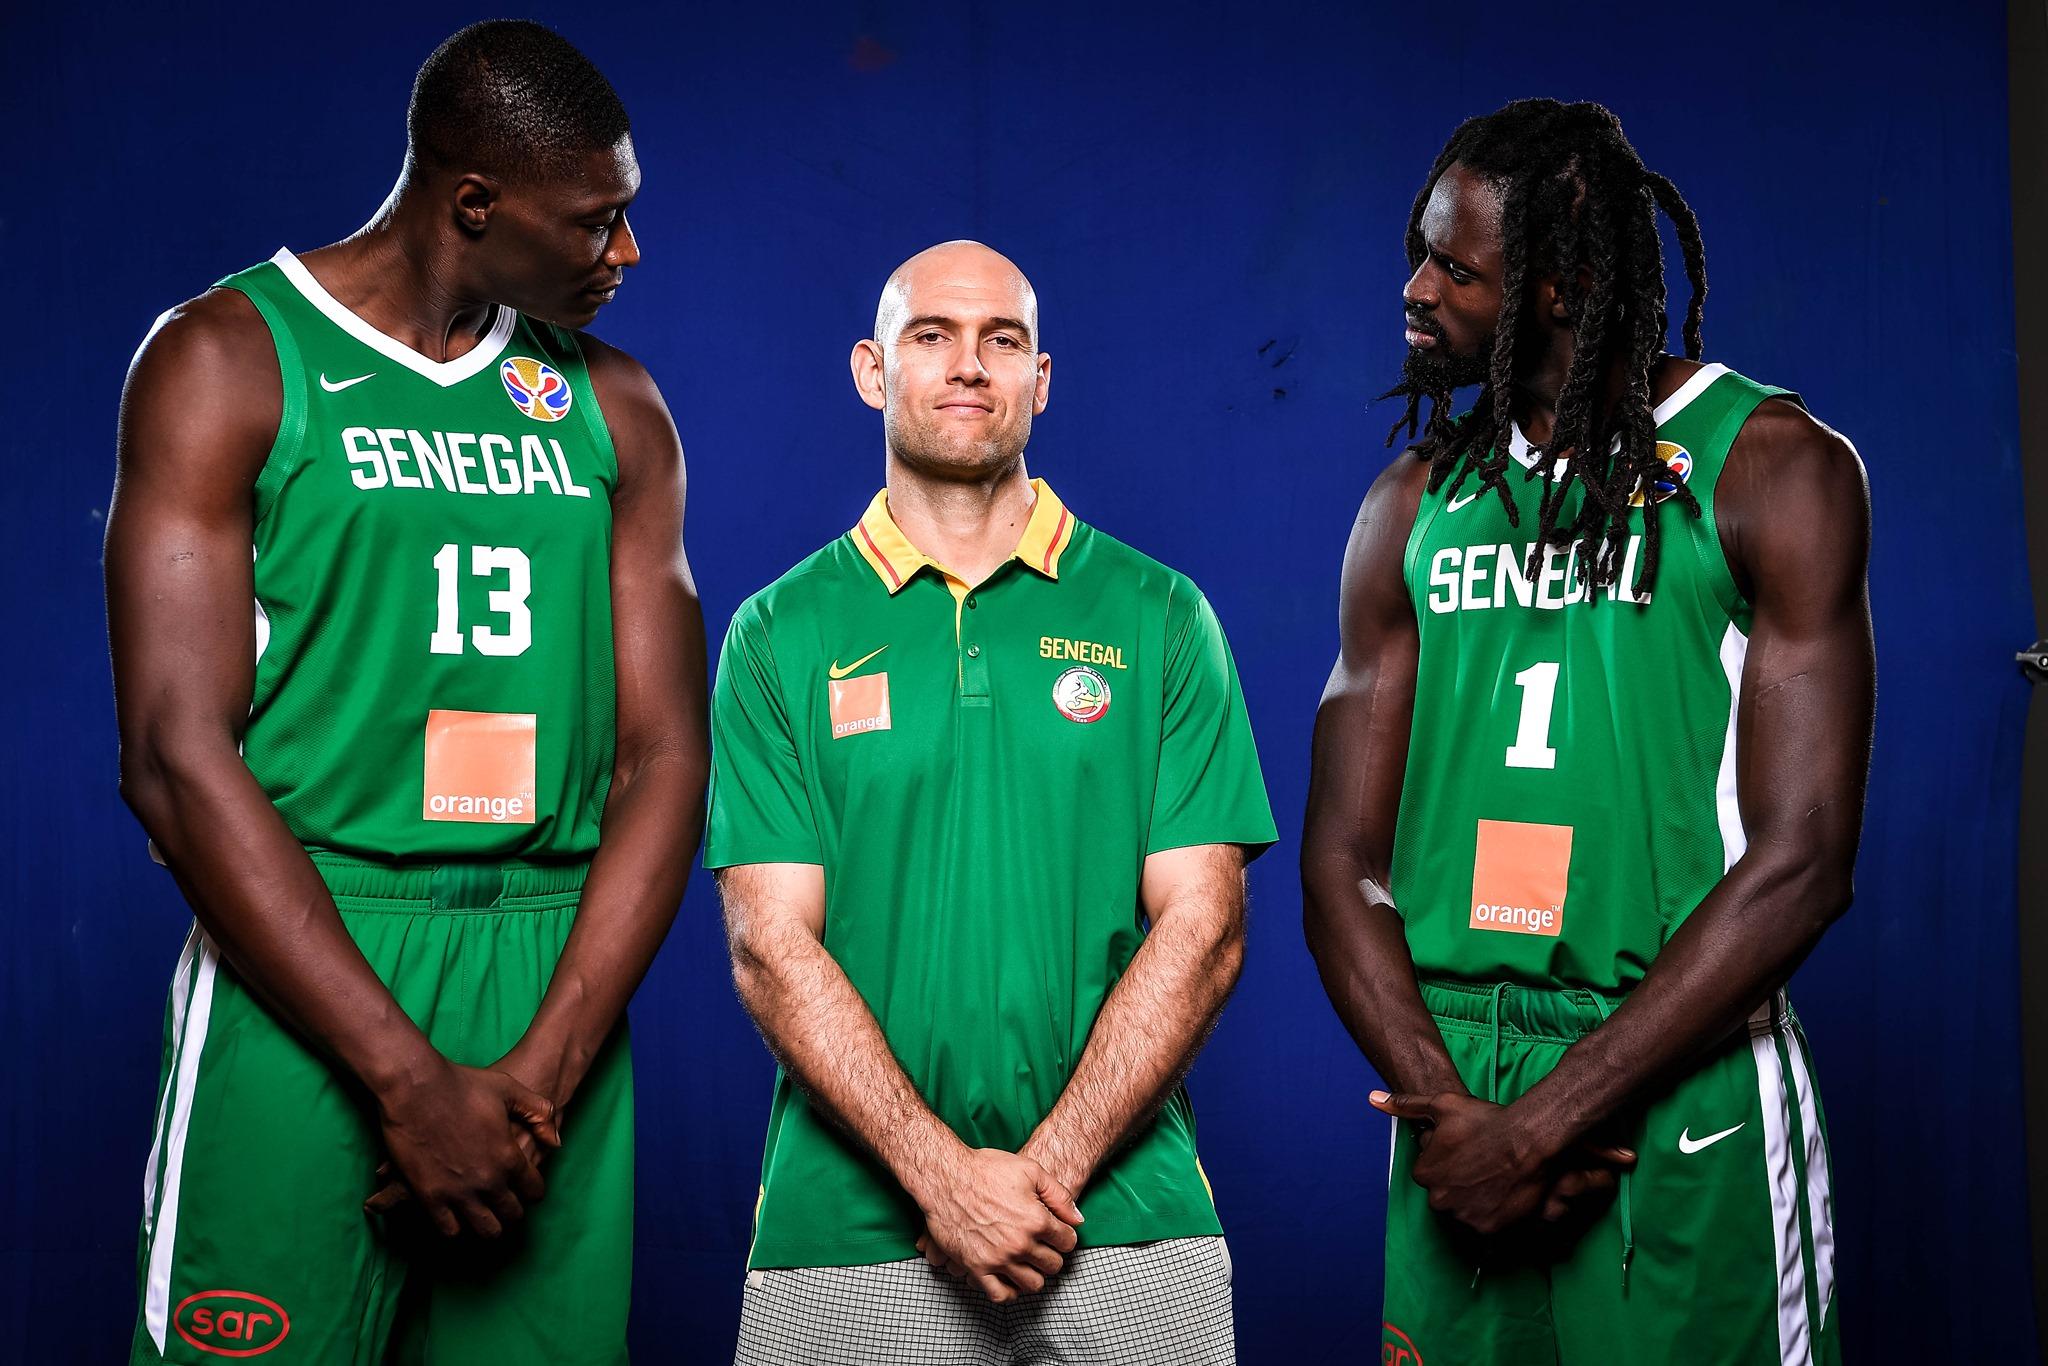 69362076 2559343590776057 8830492927110152192 o - Mondial 2019: Les lions du Basket en mode Shooting (08 Photos)